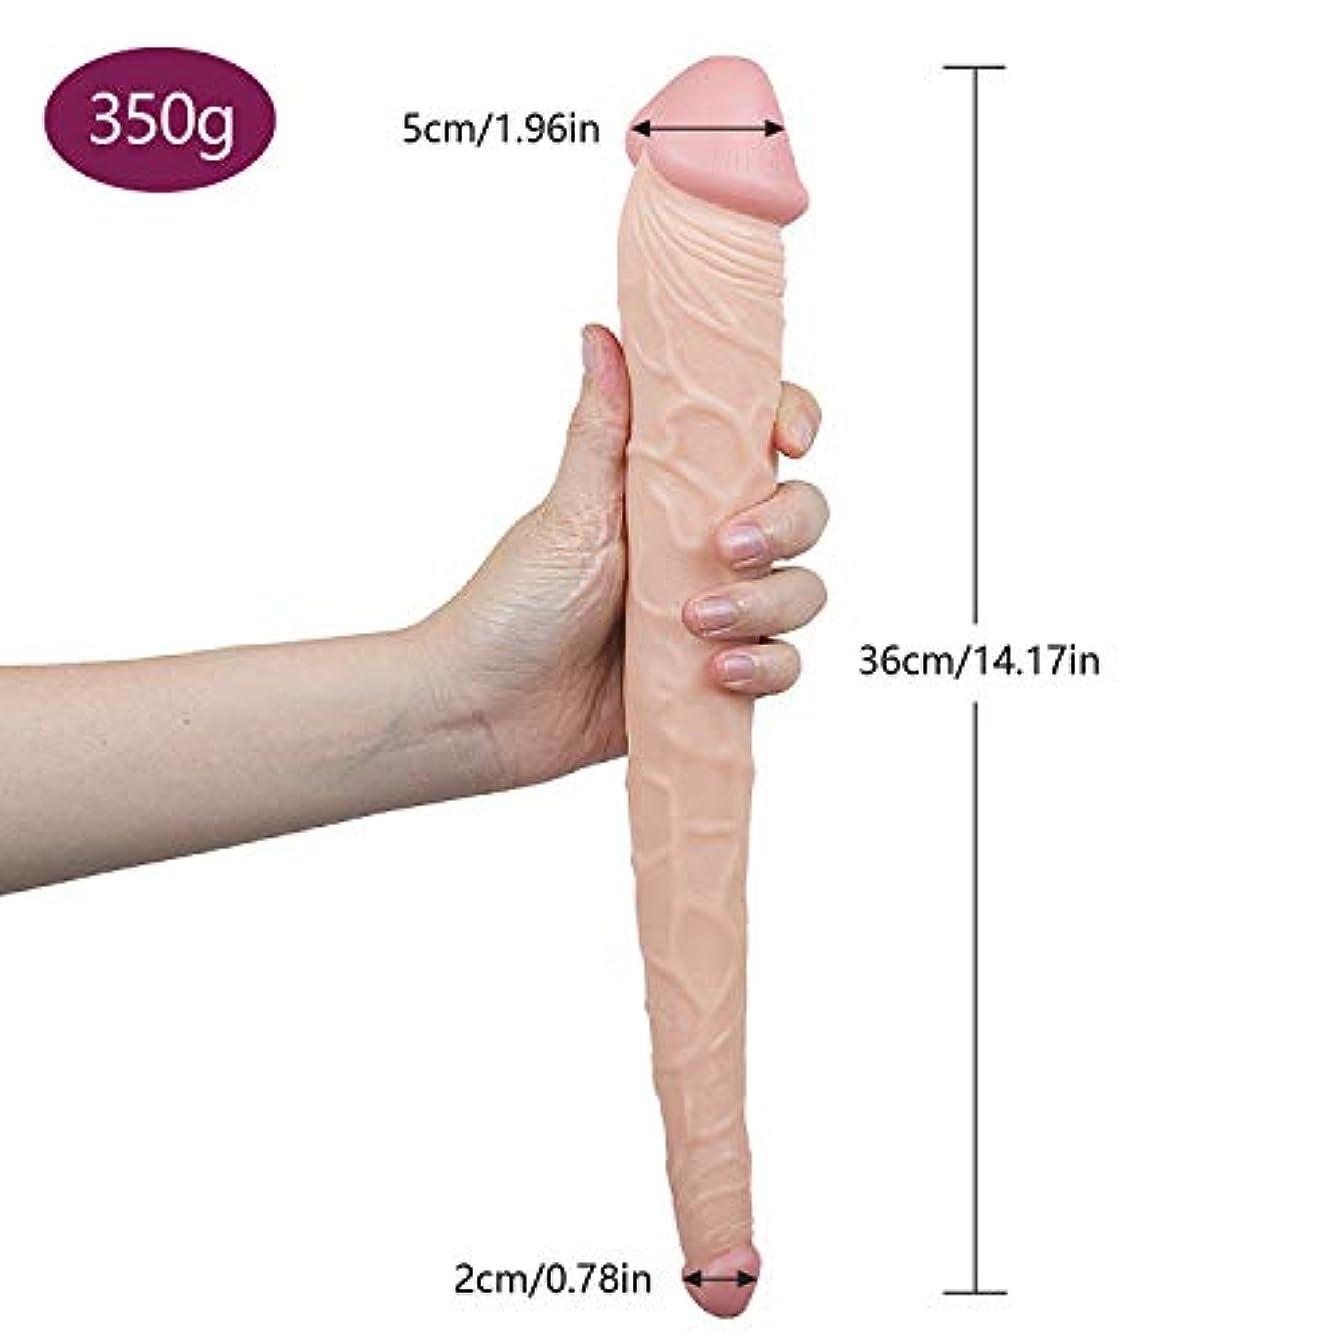 かわいらしい説明するペインギリックペニス 14.17インチの完全なサイズの完全なボディマッサージャーの二重頭の側面のマッサージャーのおもちゃ マッサージャー